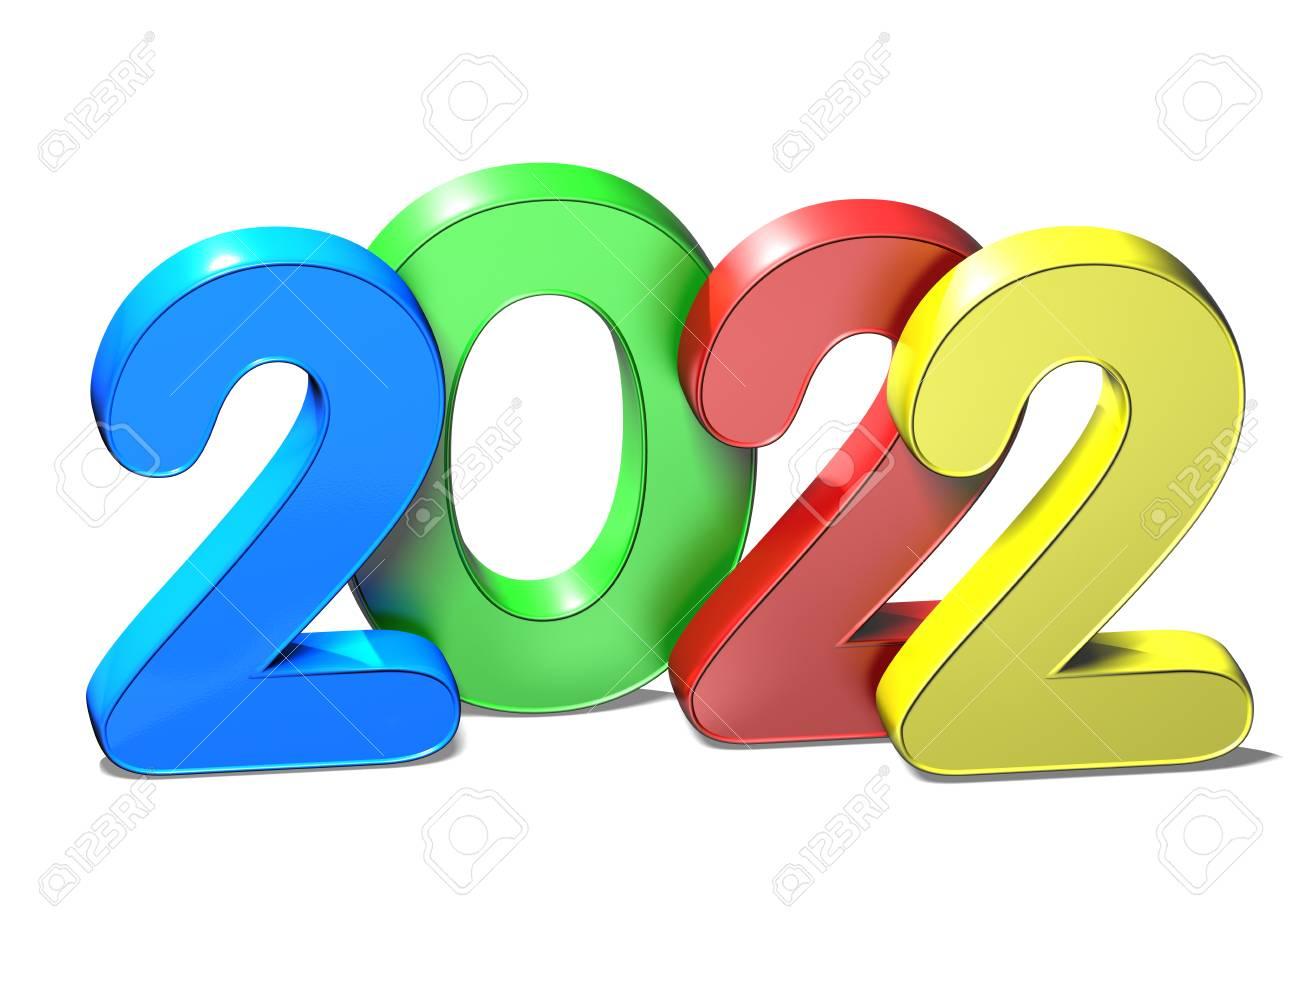 3D Año Nuevo 2022 En El Fondo Blanco Fotos, Retratos, Imágenes Y Fotografía  De Archivo Libres De Derecho. Image 75727162.